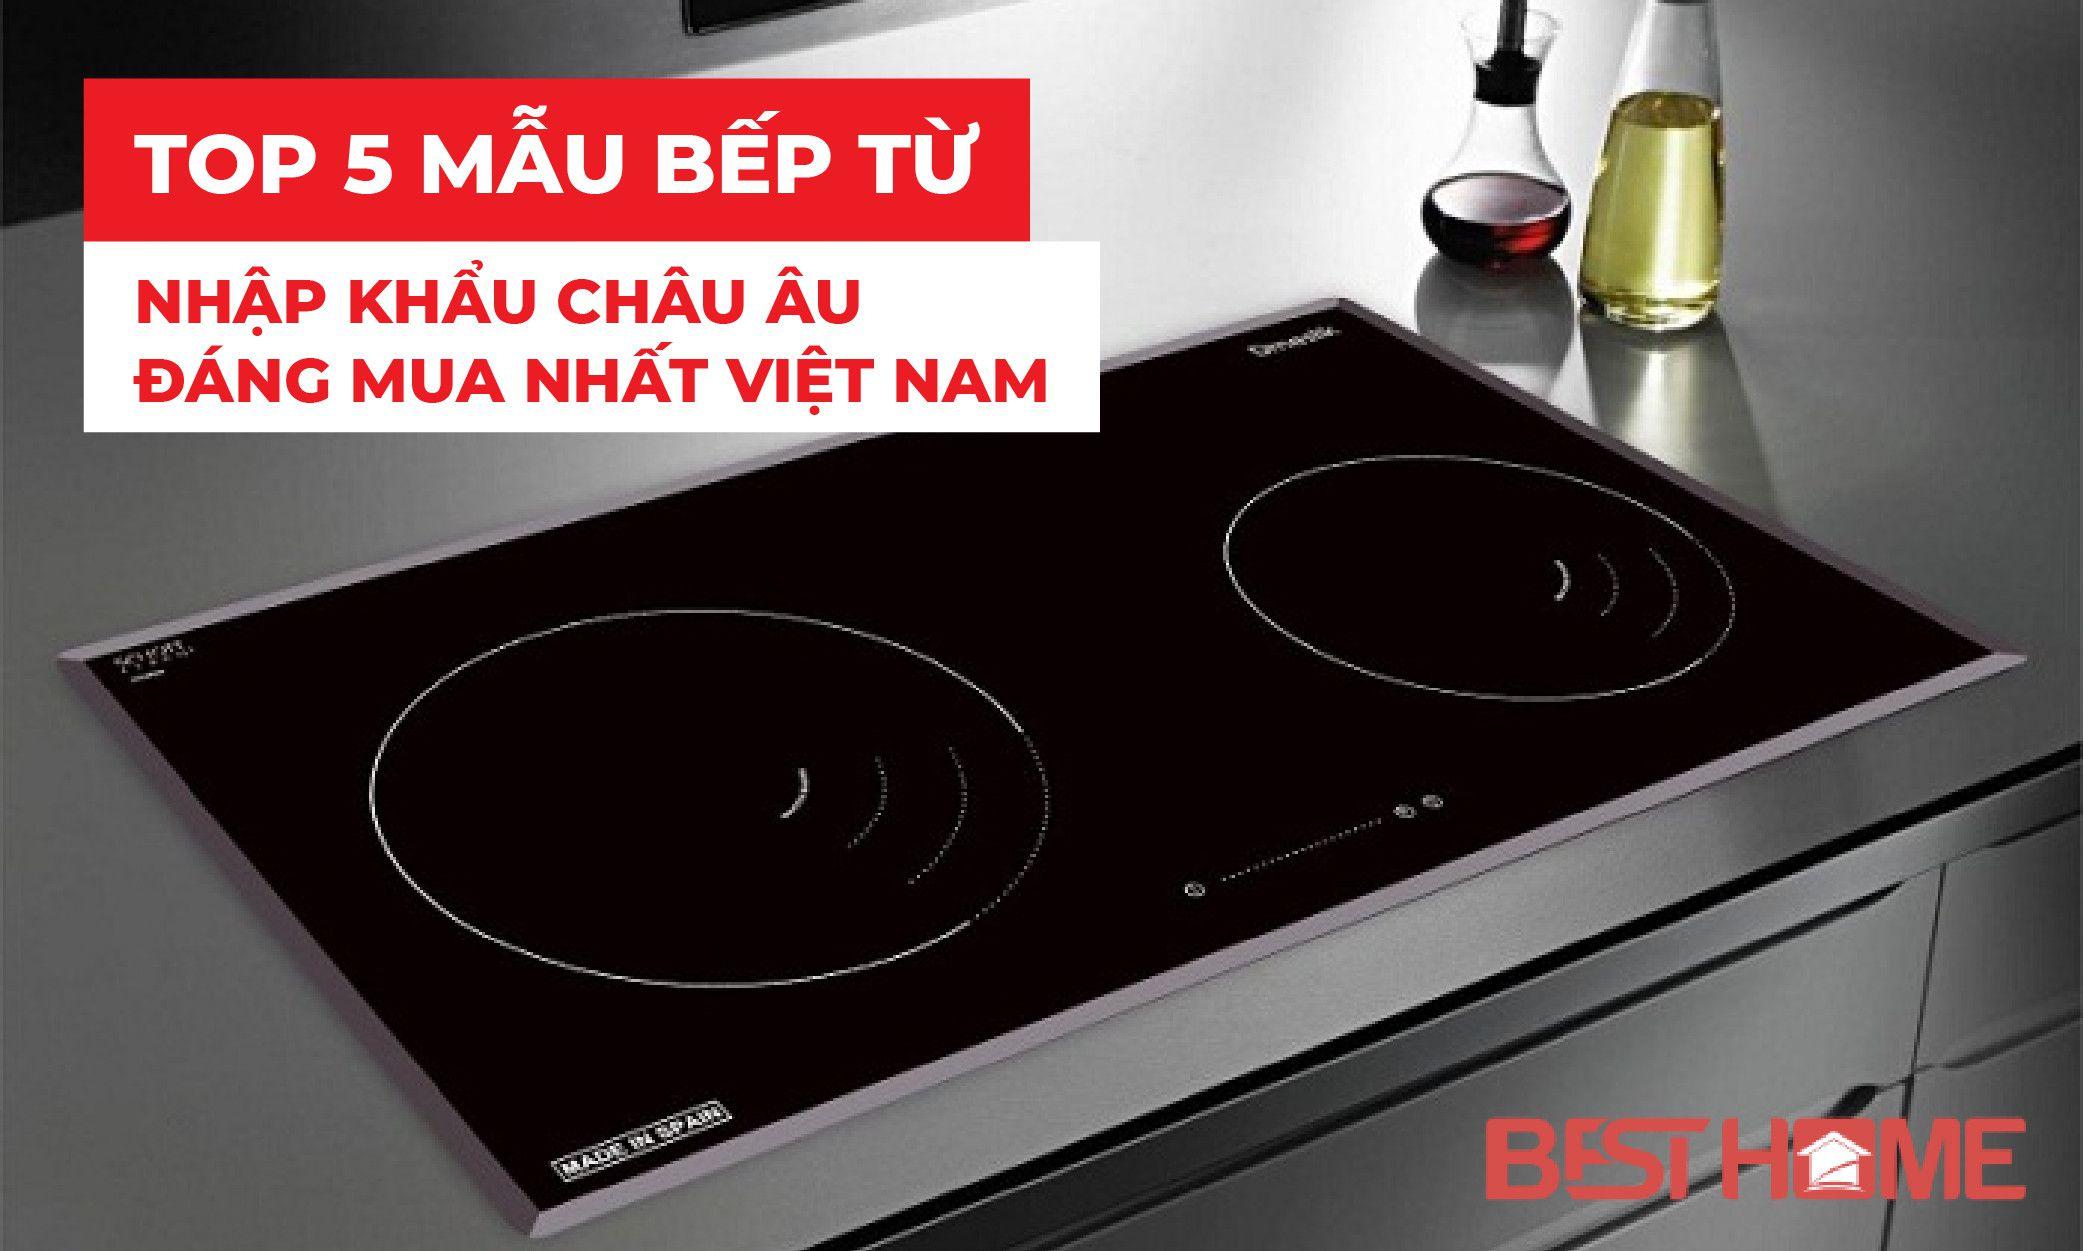 Top 5 mẫu bếp từ nhập khẩu Châu Âu đáng mua nhất Việt Nam post image